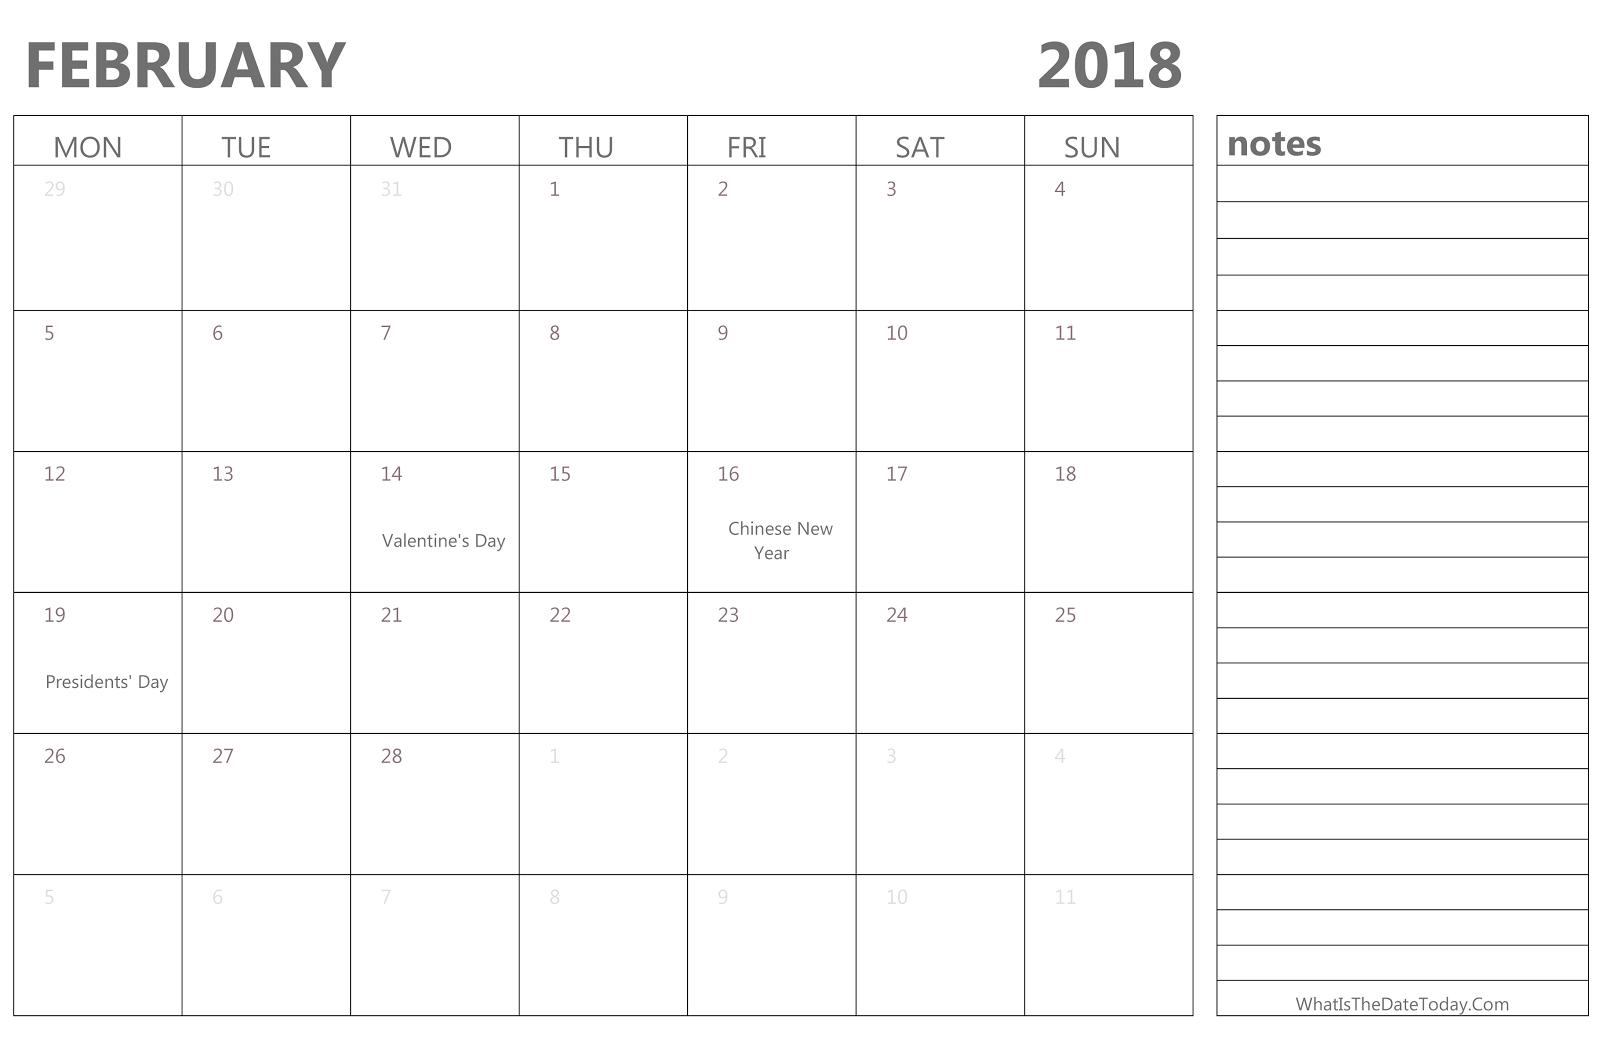 february 2018 calendar february 2018 printable calendar february 2018 calendar printable february 2018